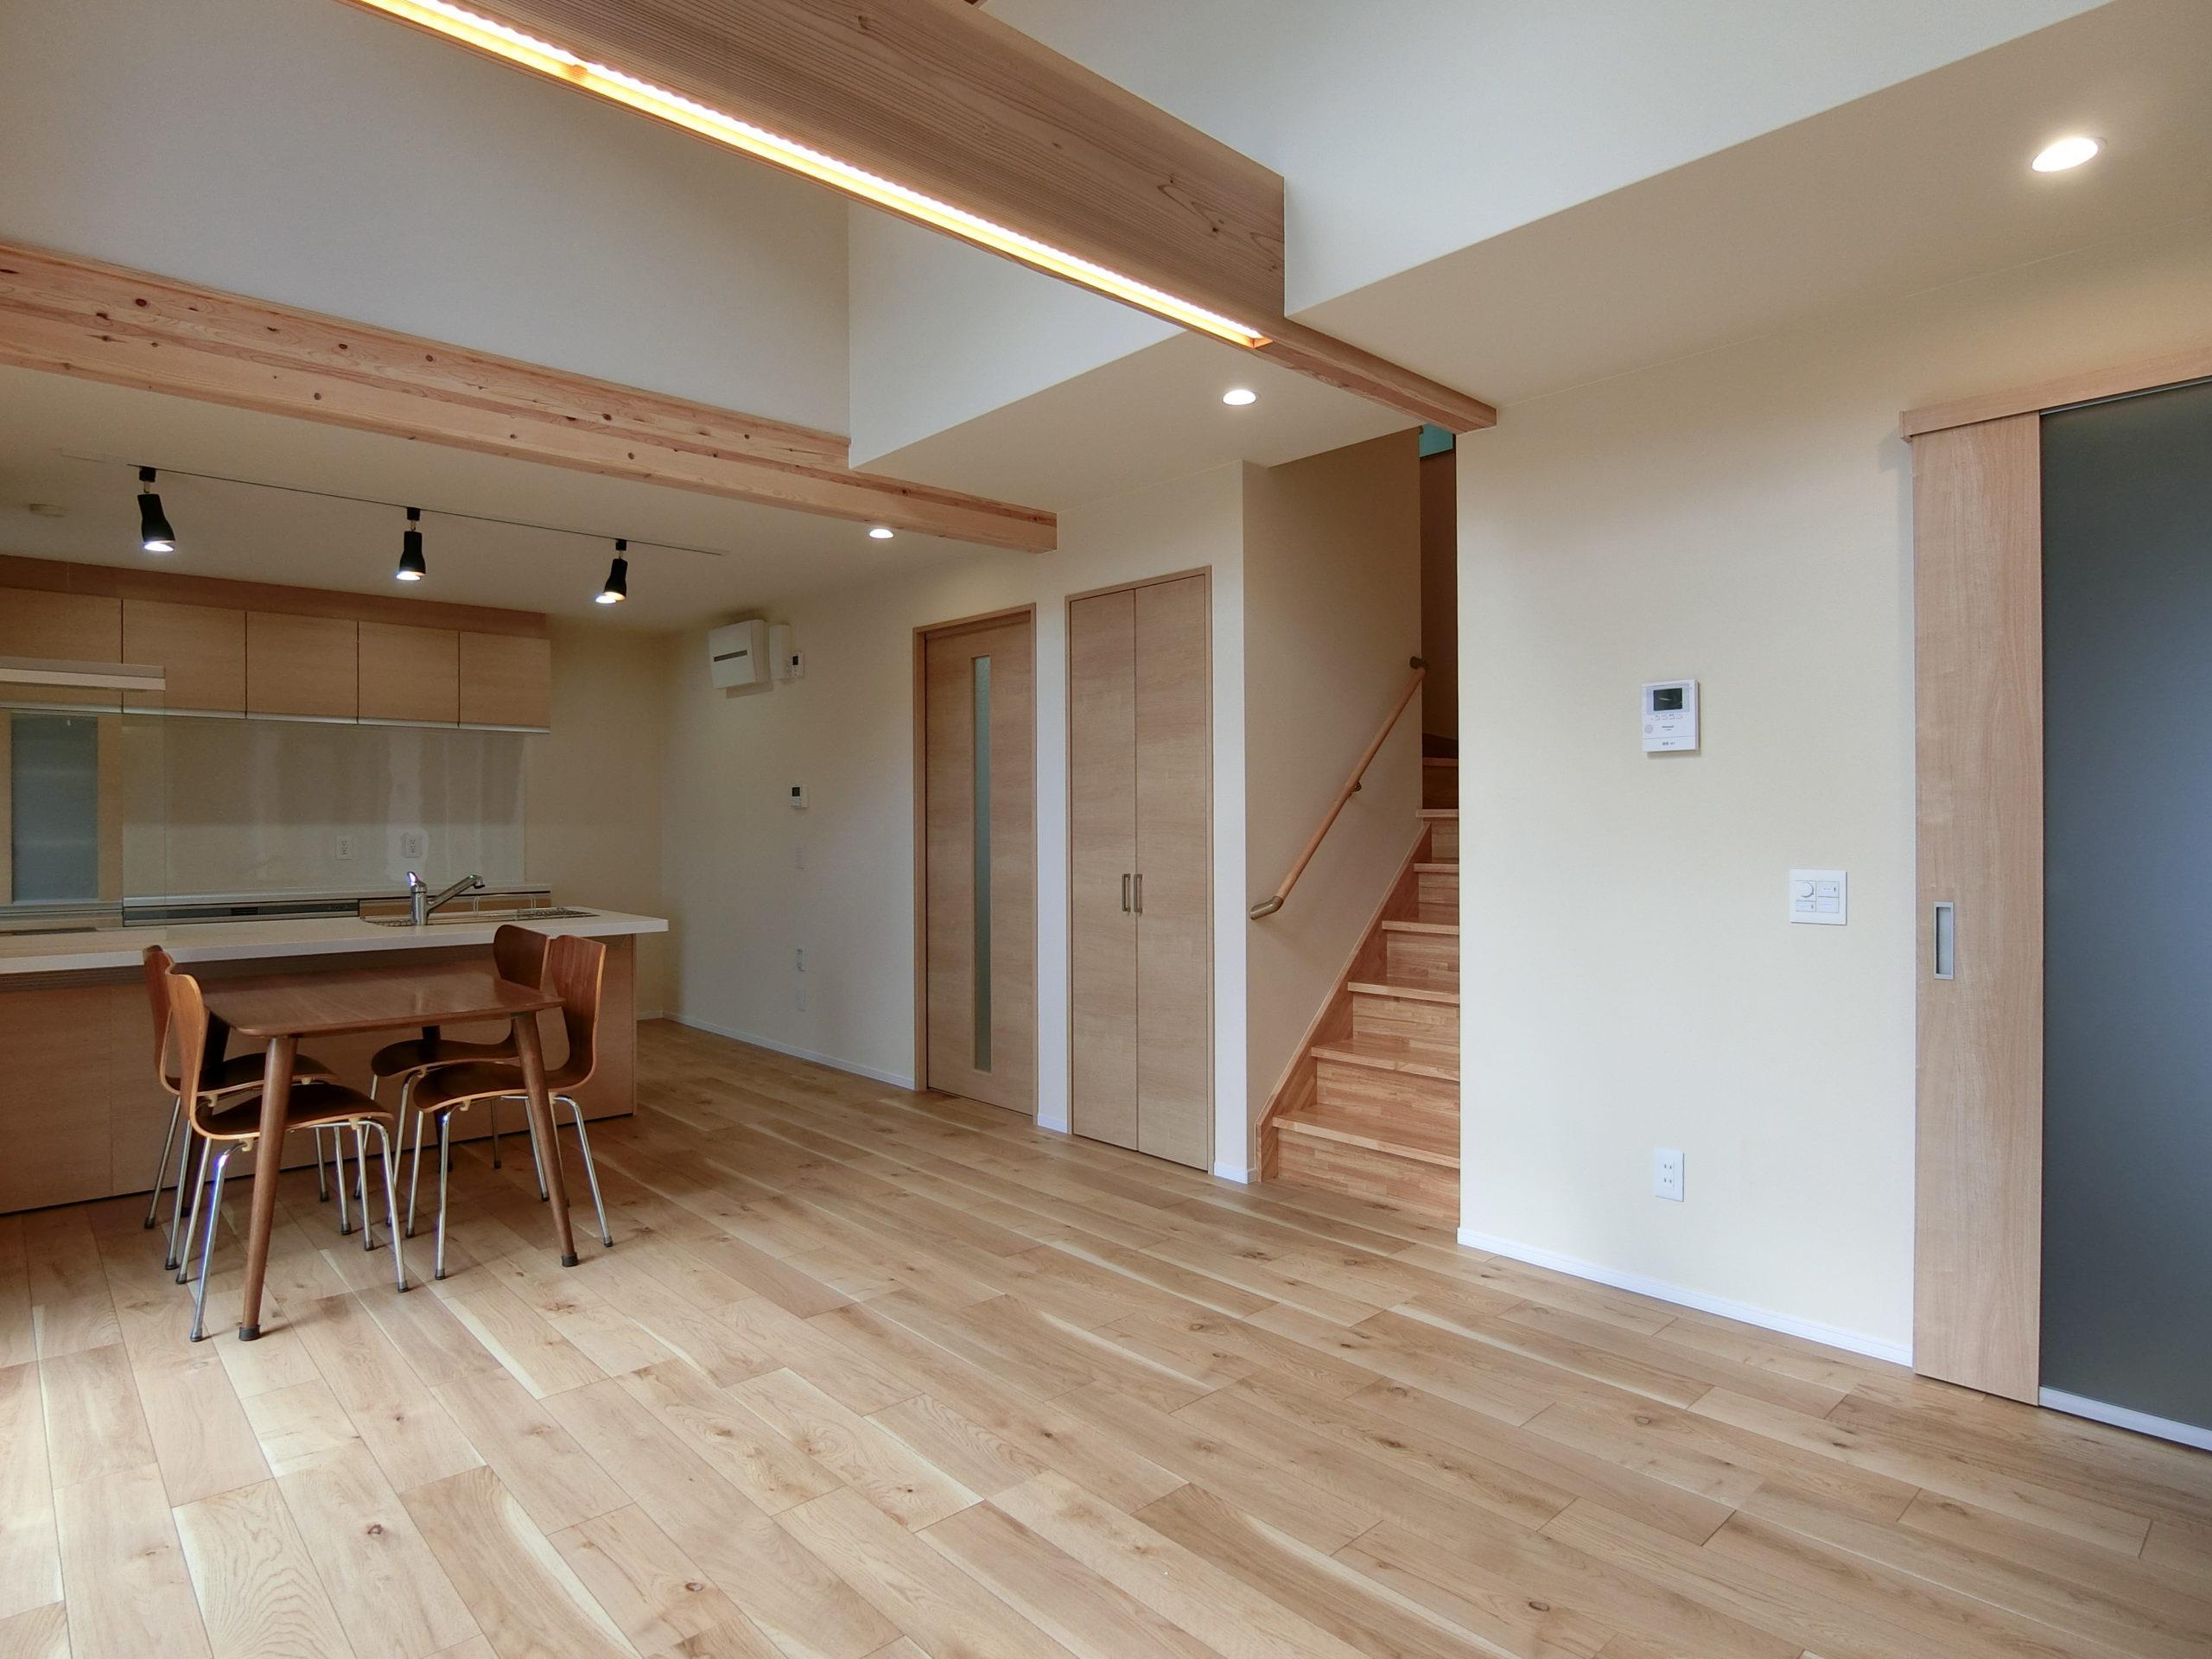 明るく開放的な吹き抜けの有るゼロエネルギーハウス